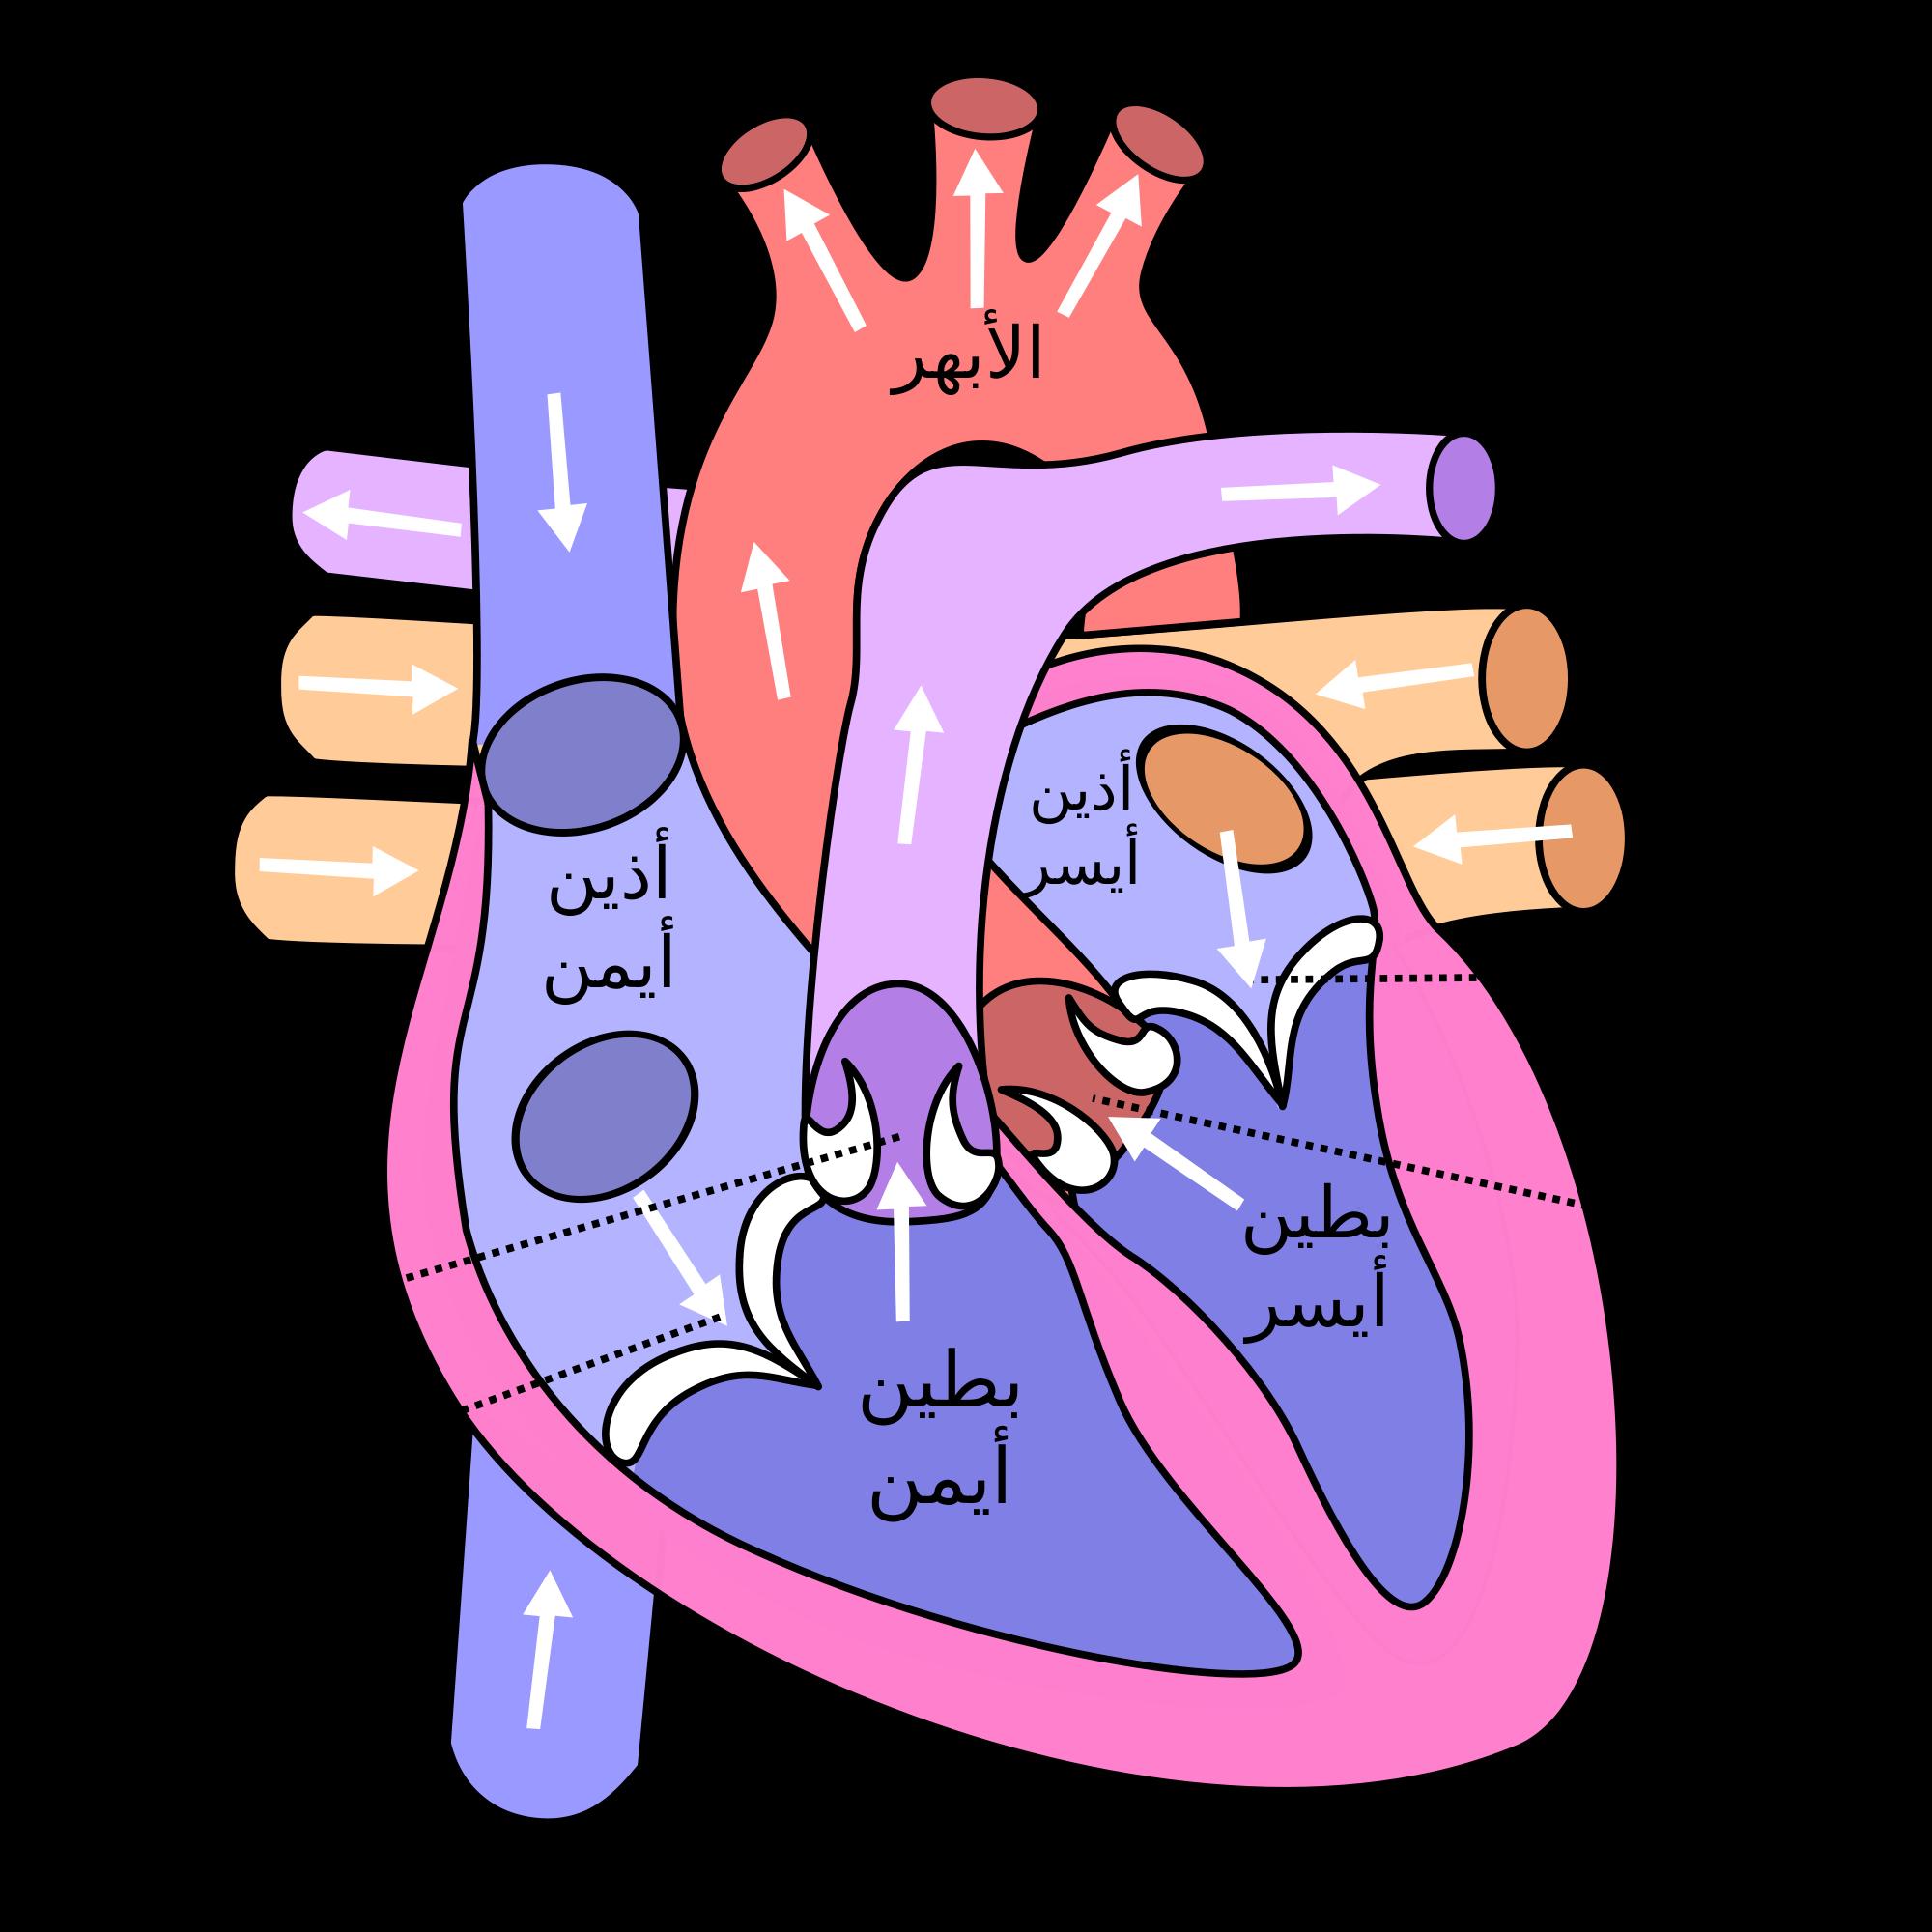 صوره امراض القلب واعراضها